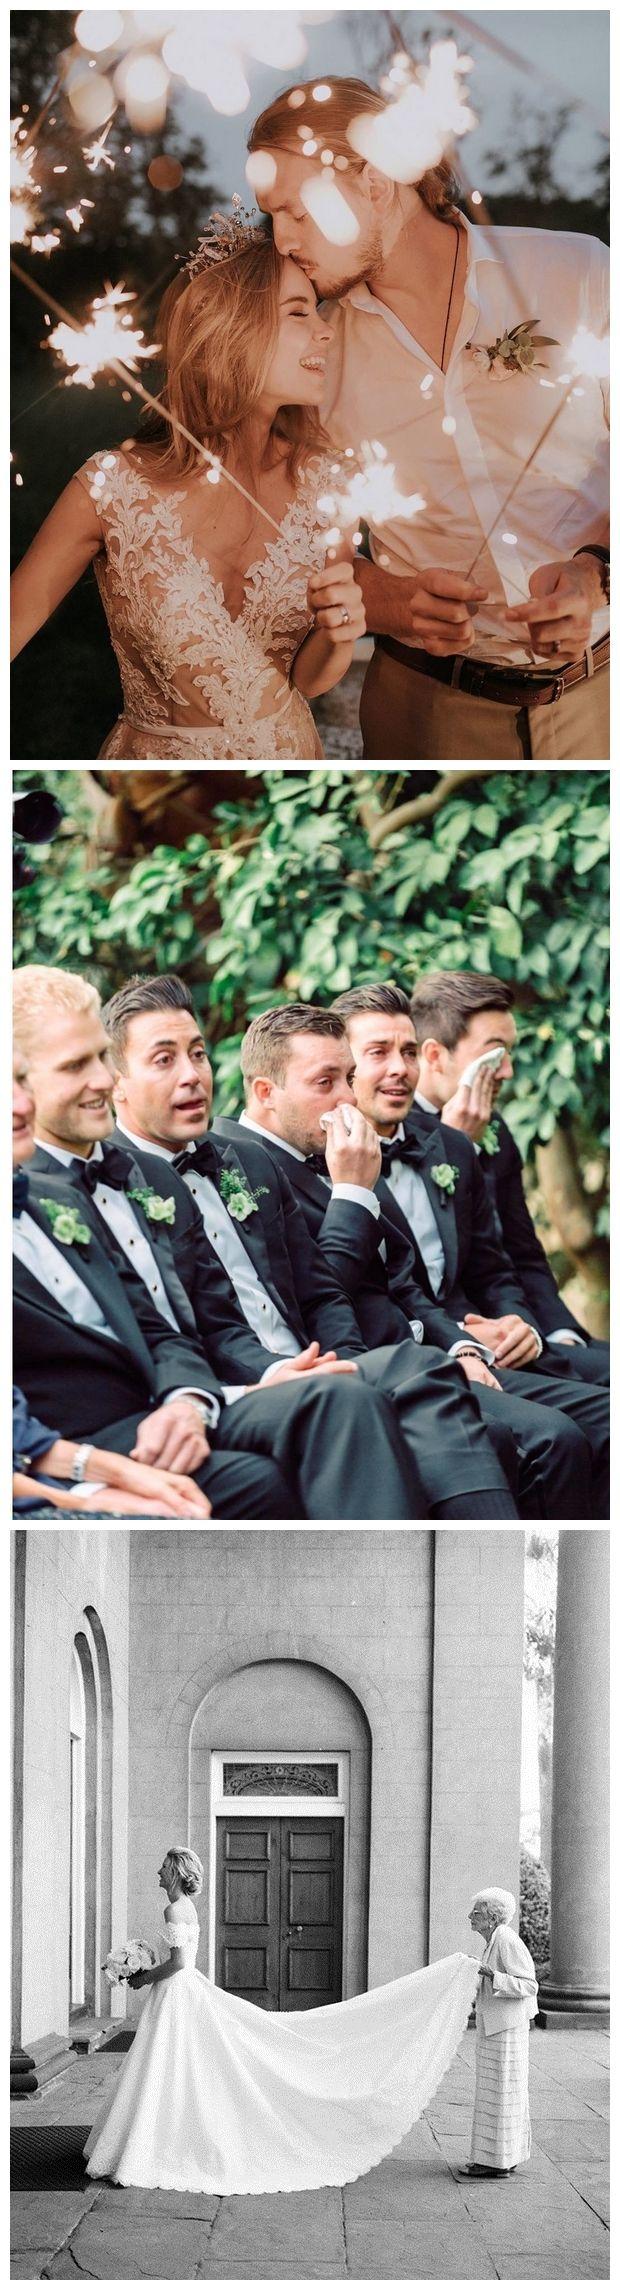 20 Must Have Wedding Photo Ideas You'll Love d8fac1e2e6b1d47c0e5904b9d62eee51